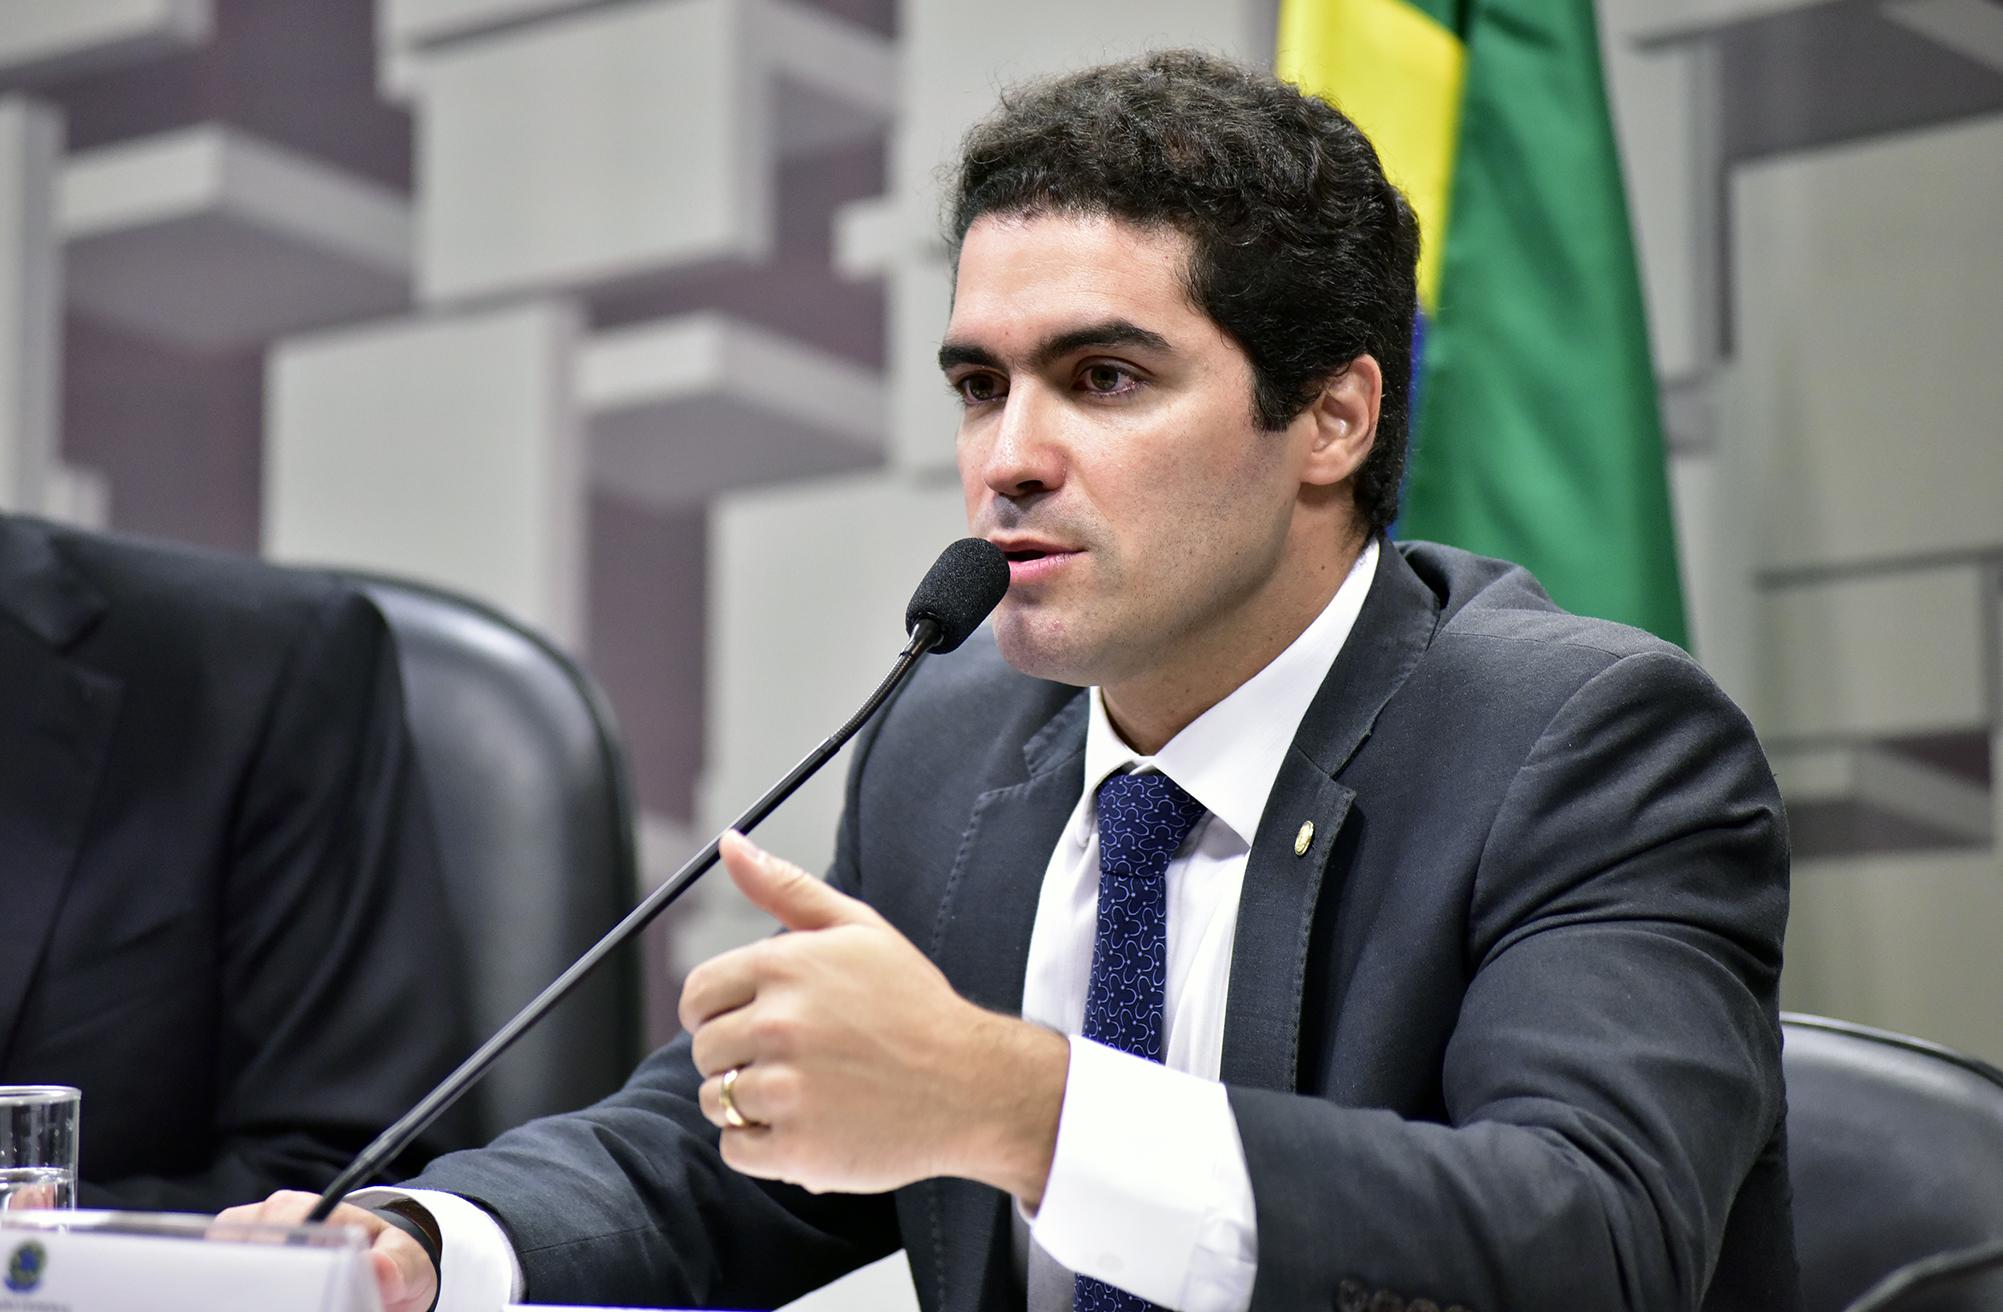 Votação relatório final da MP 712/2016, que dispõe sobre medidas de vigilância em saúde relacionadas ao mosquito transmissor da dengue, chikungunya e zika. Dep. Newton Cardoso Junior (PMDB - MG)